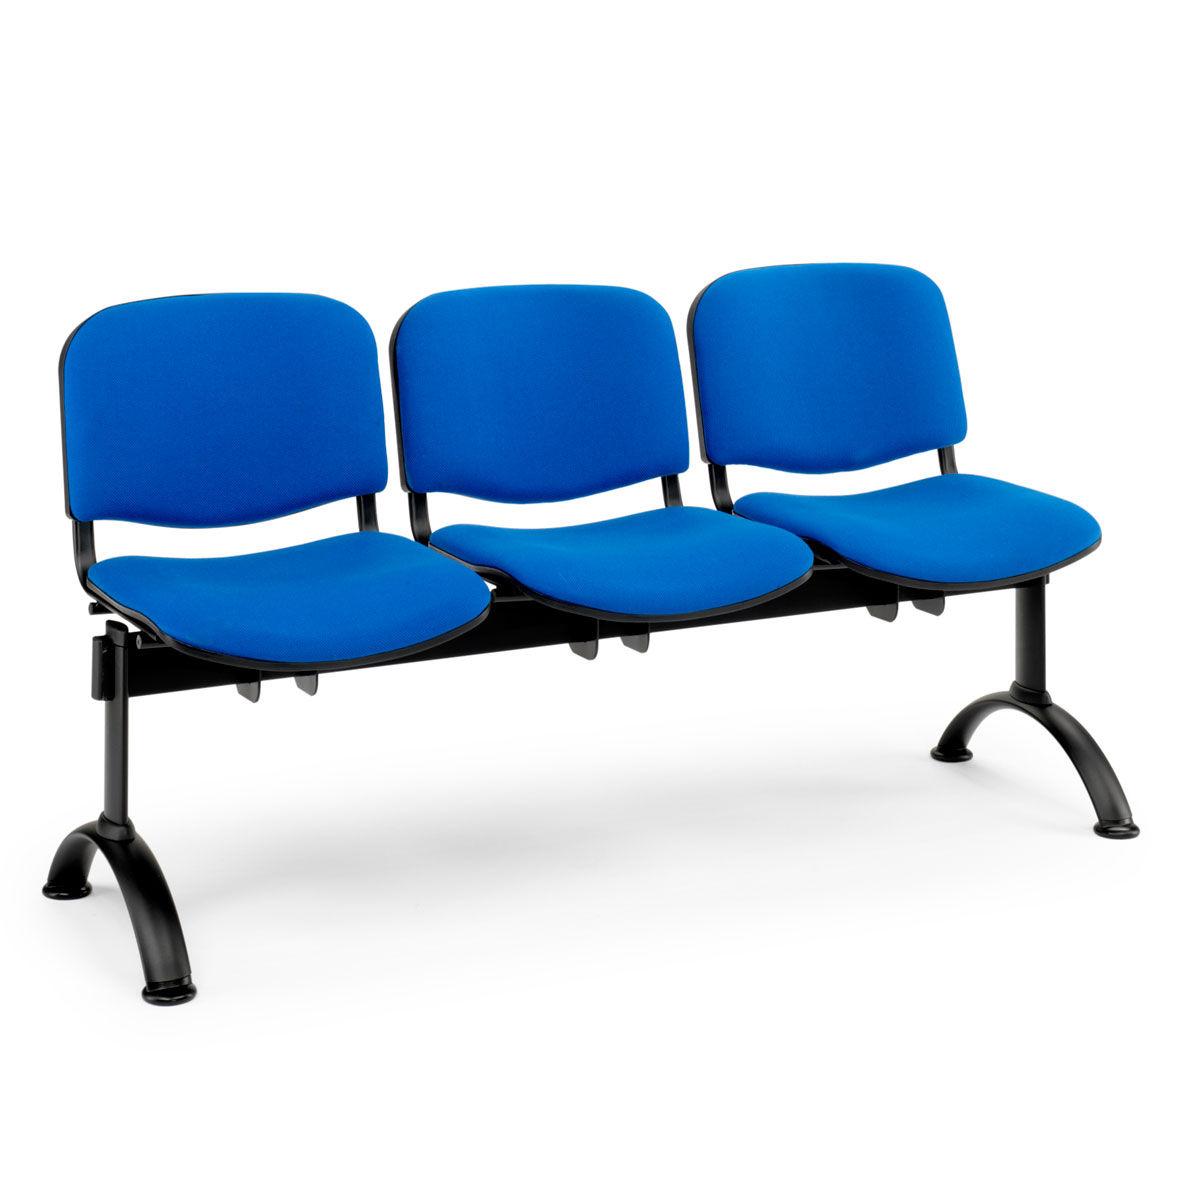 Sillas de despacho para sala de espera for Sillas sala de espera